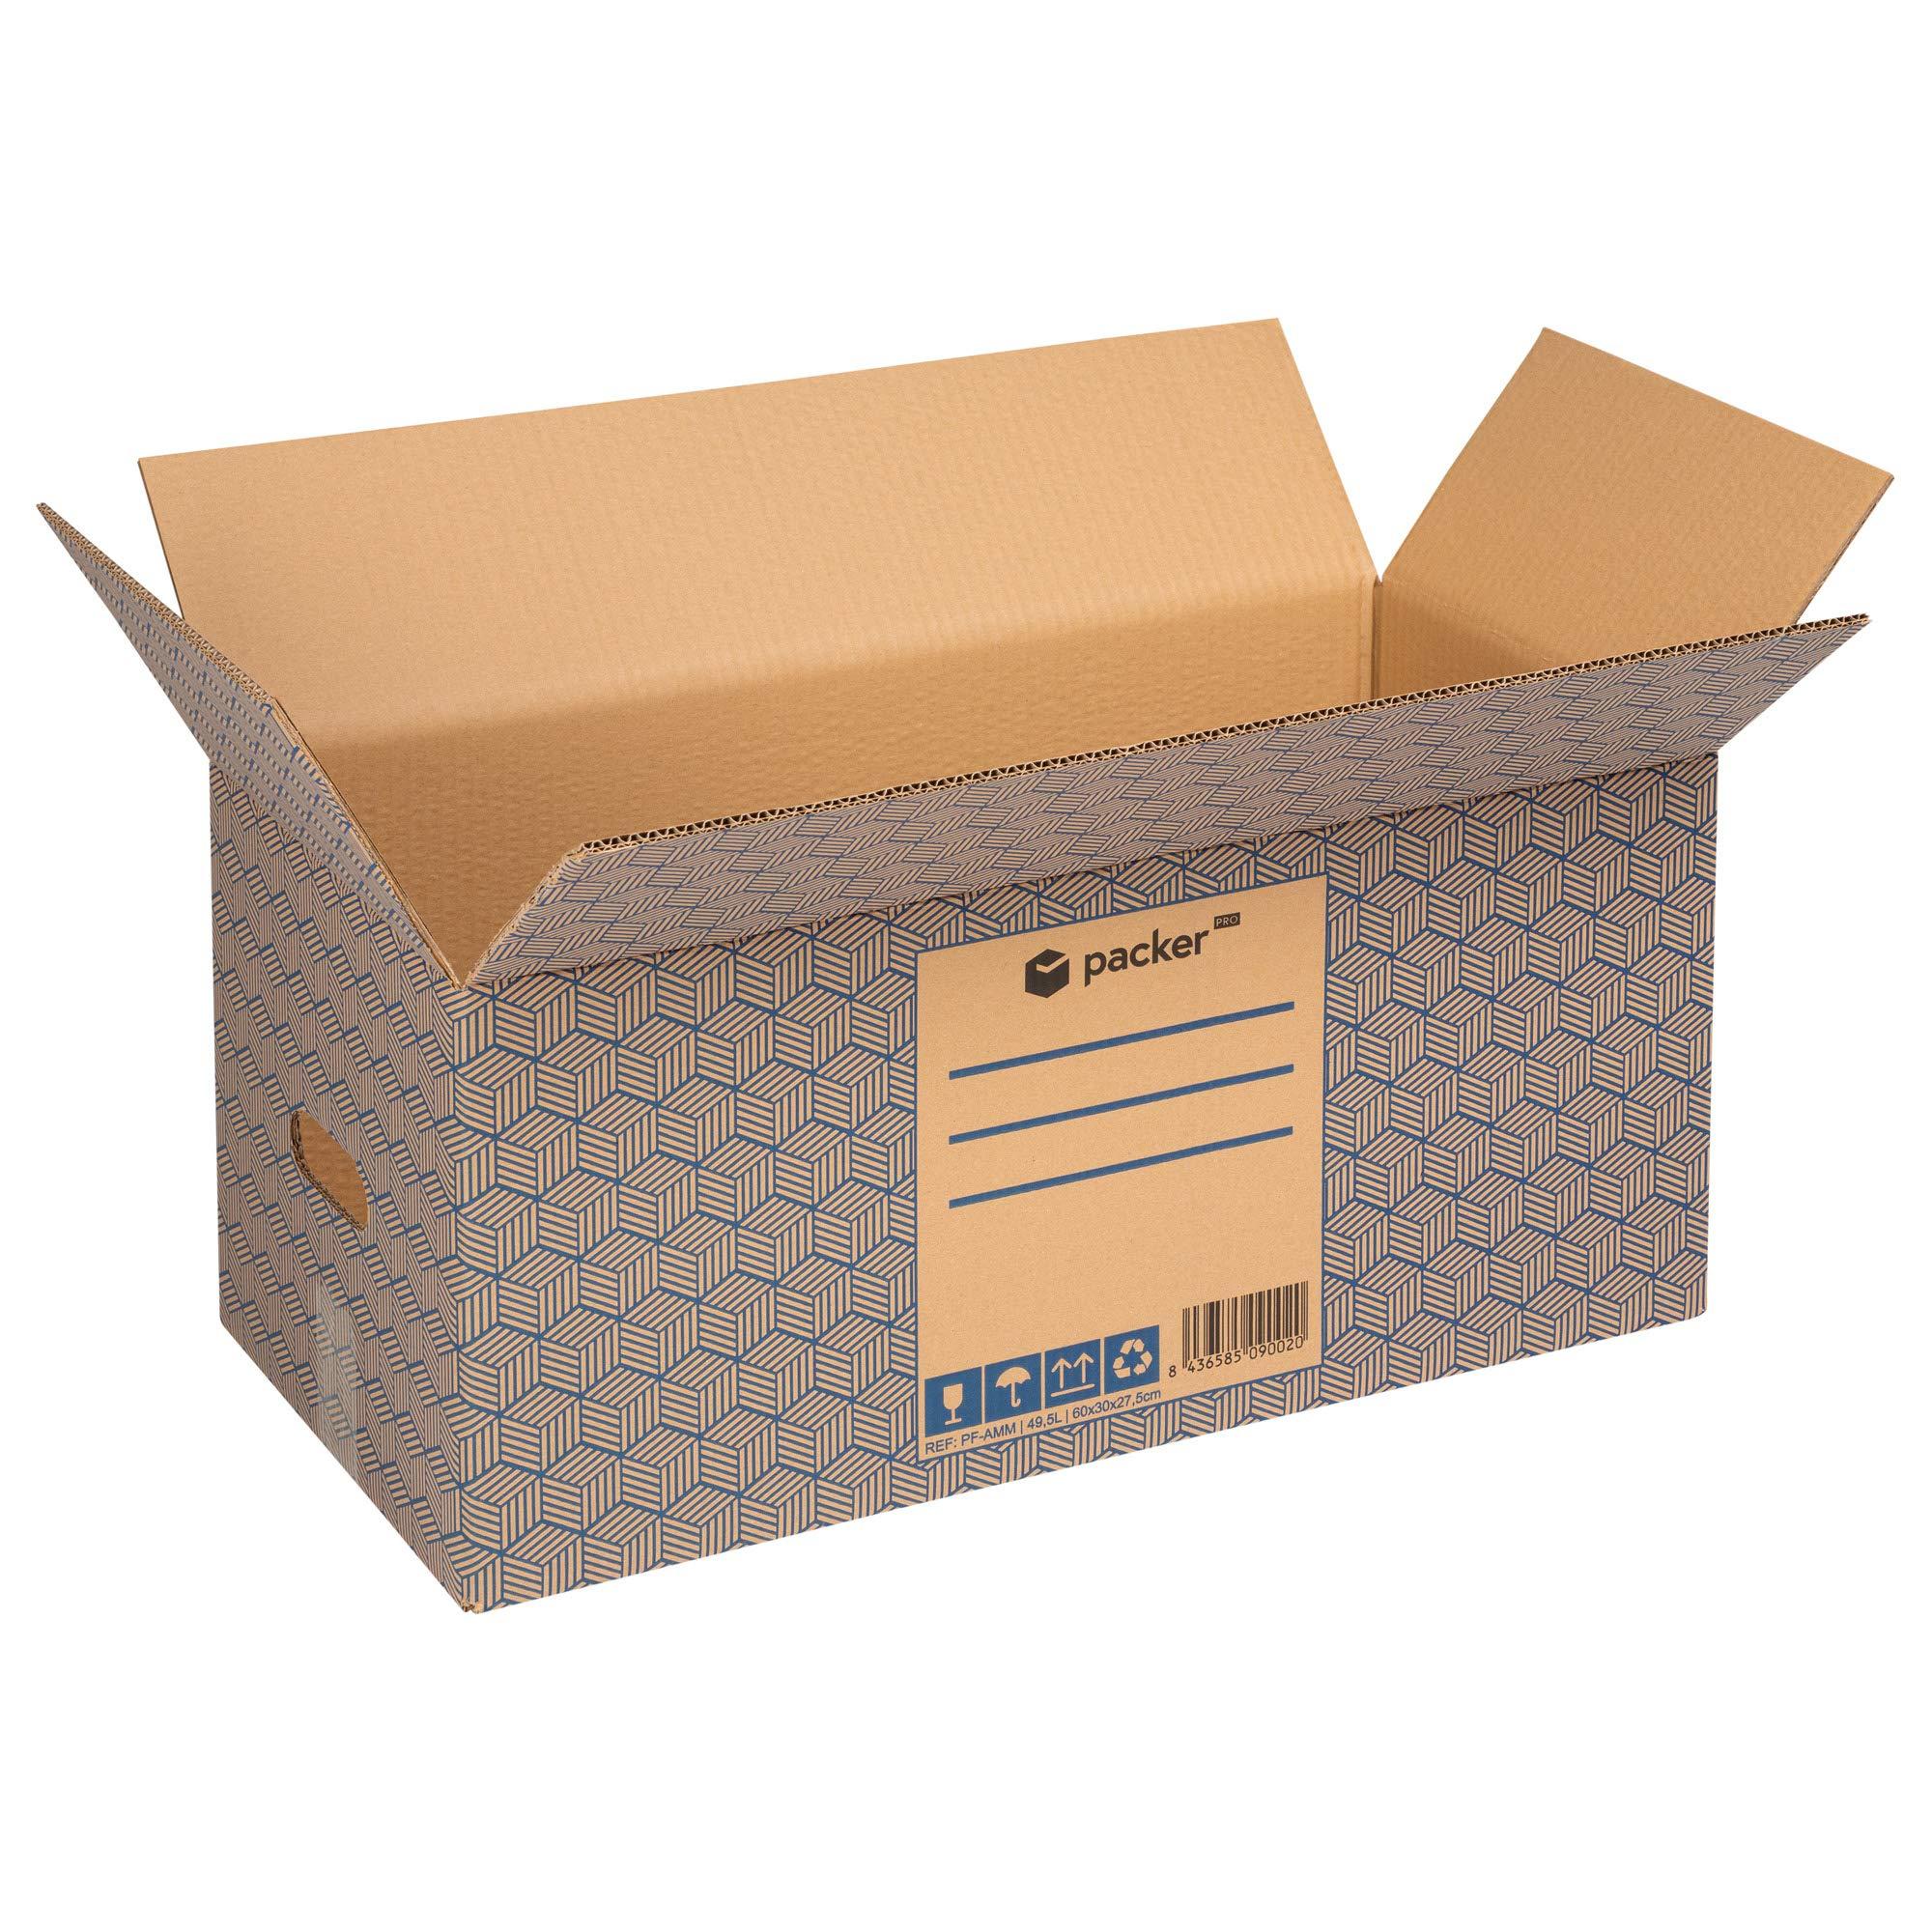 Pack 12 Cajas Carton para Mudanzas y Almacenaje 600x300x275mm Ultra Resistentes con Asas, 100% ECO Box - Packer PRO: Amazon.es: Oficina y papelería